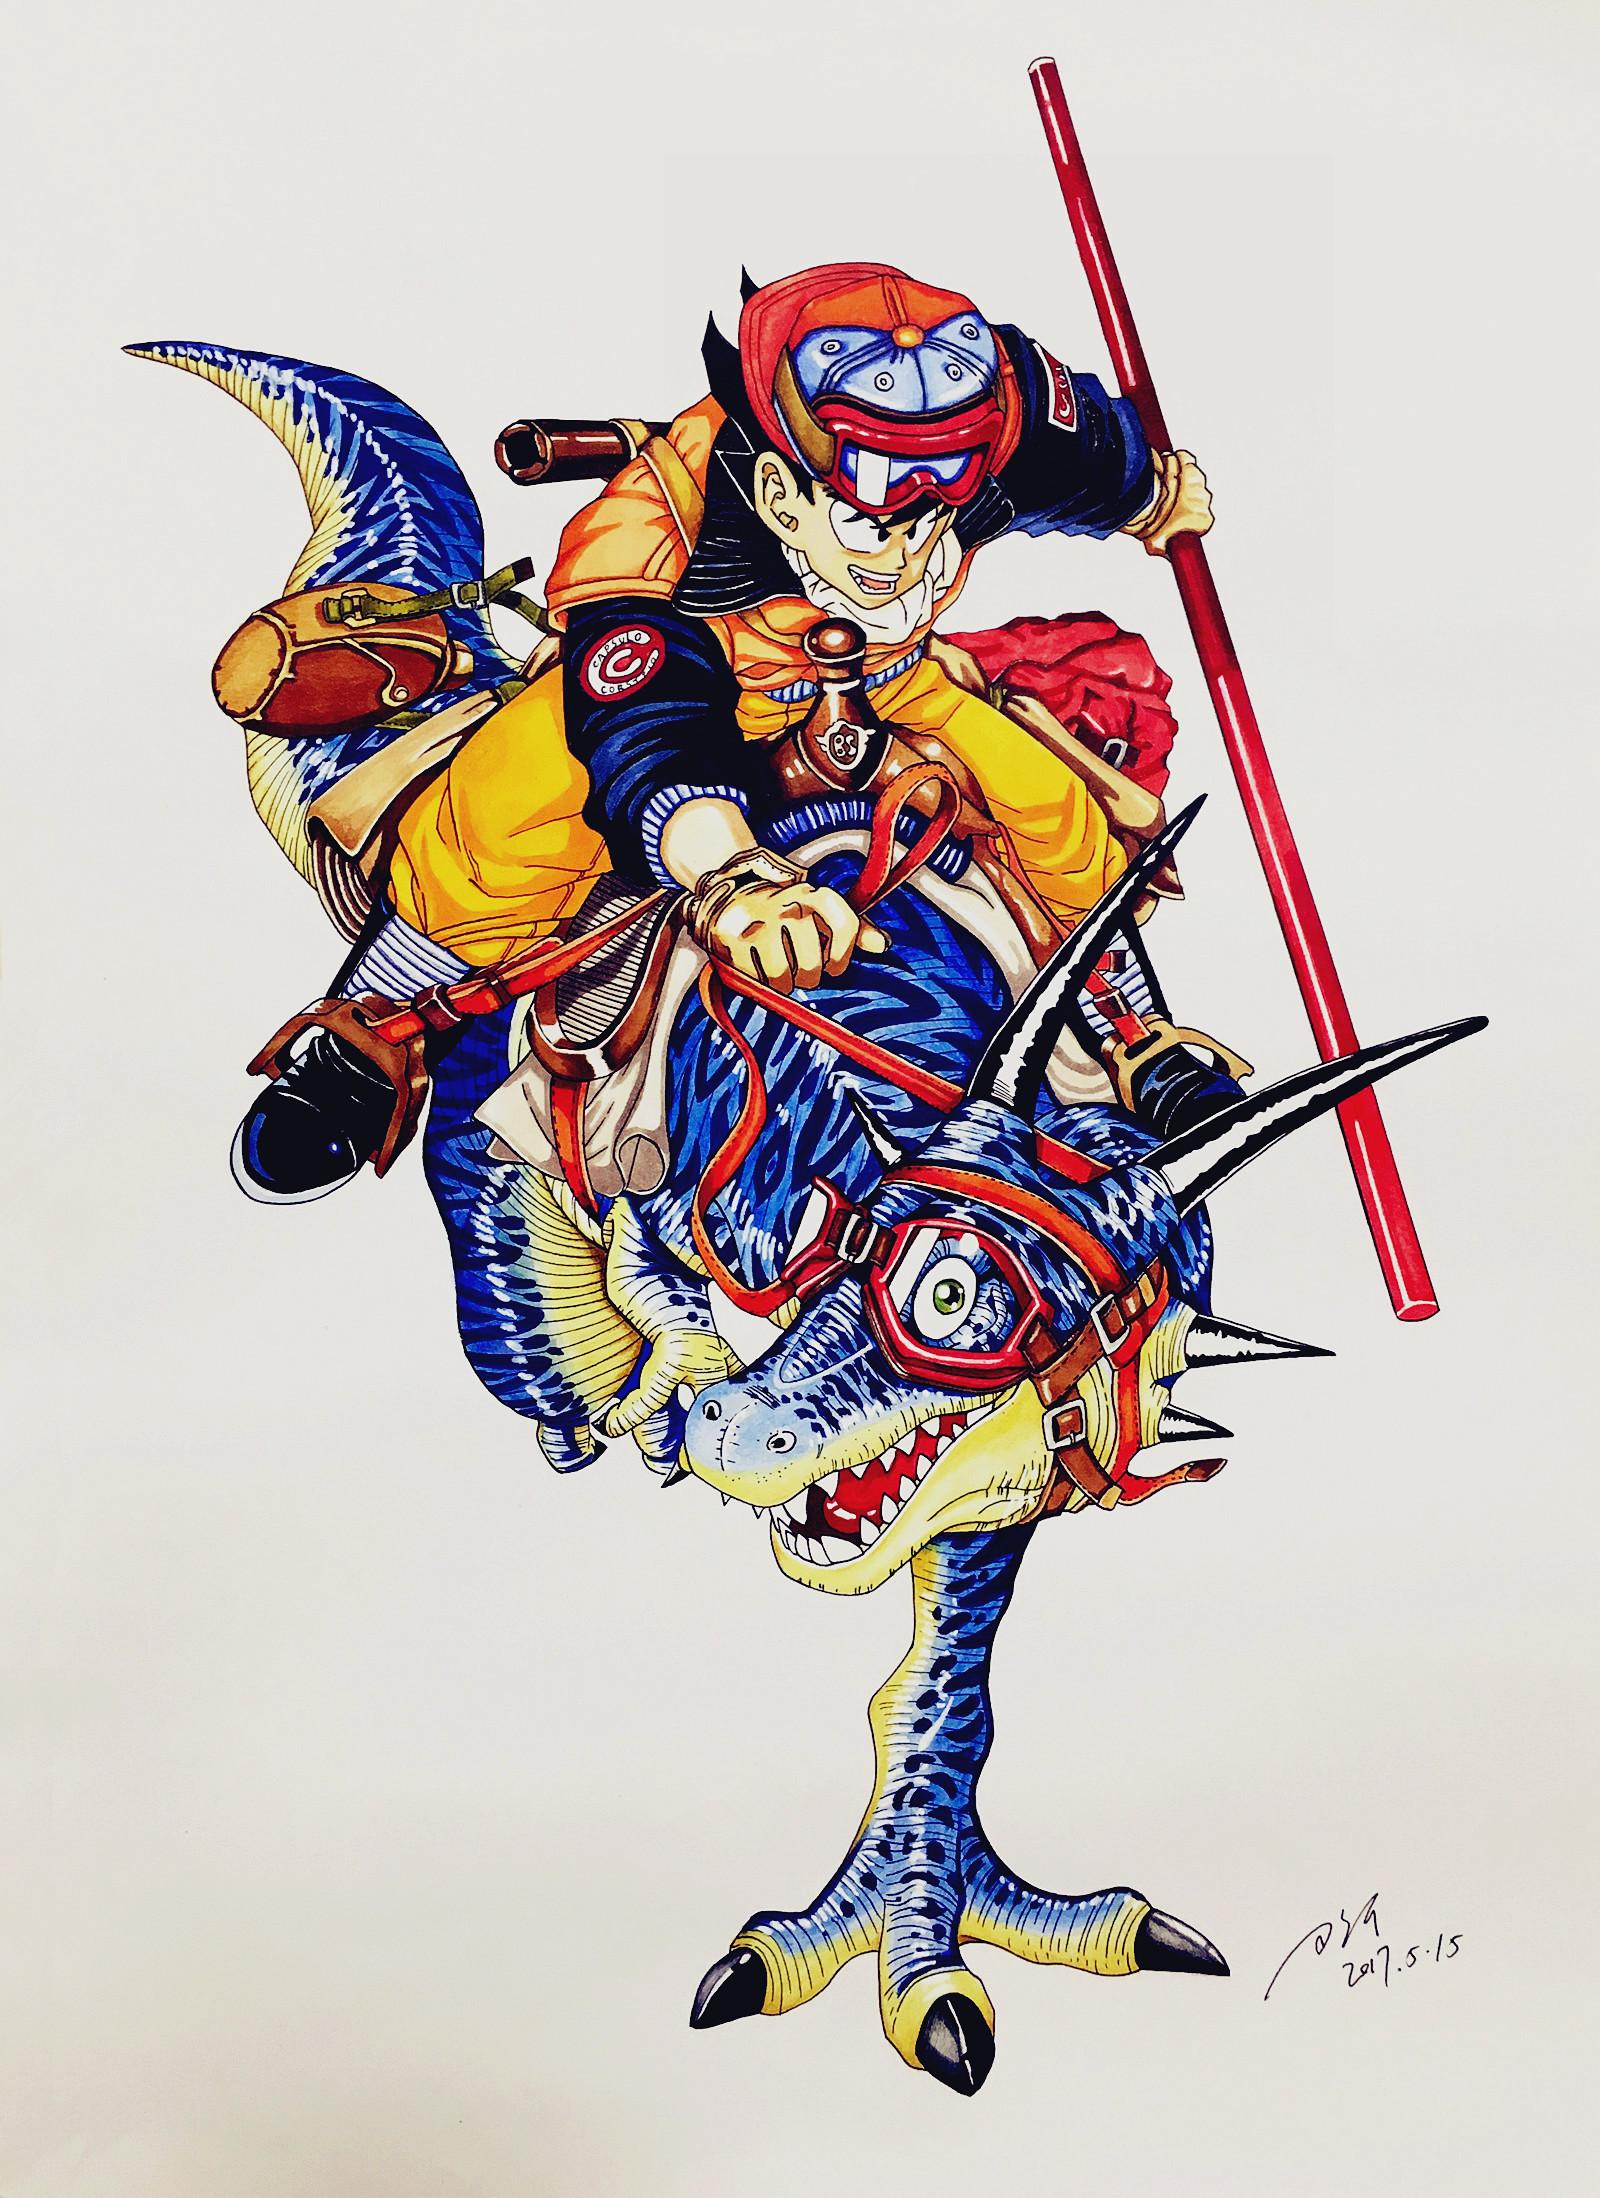 马克笔手绘七龙珠|动漫|绘本|g飞鸟g - 原创作品